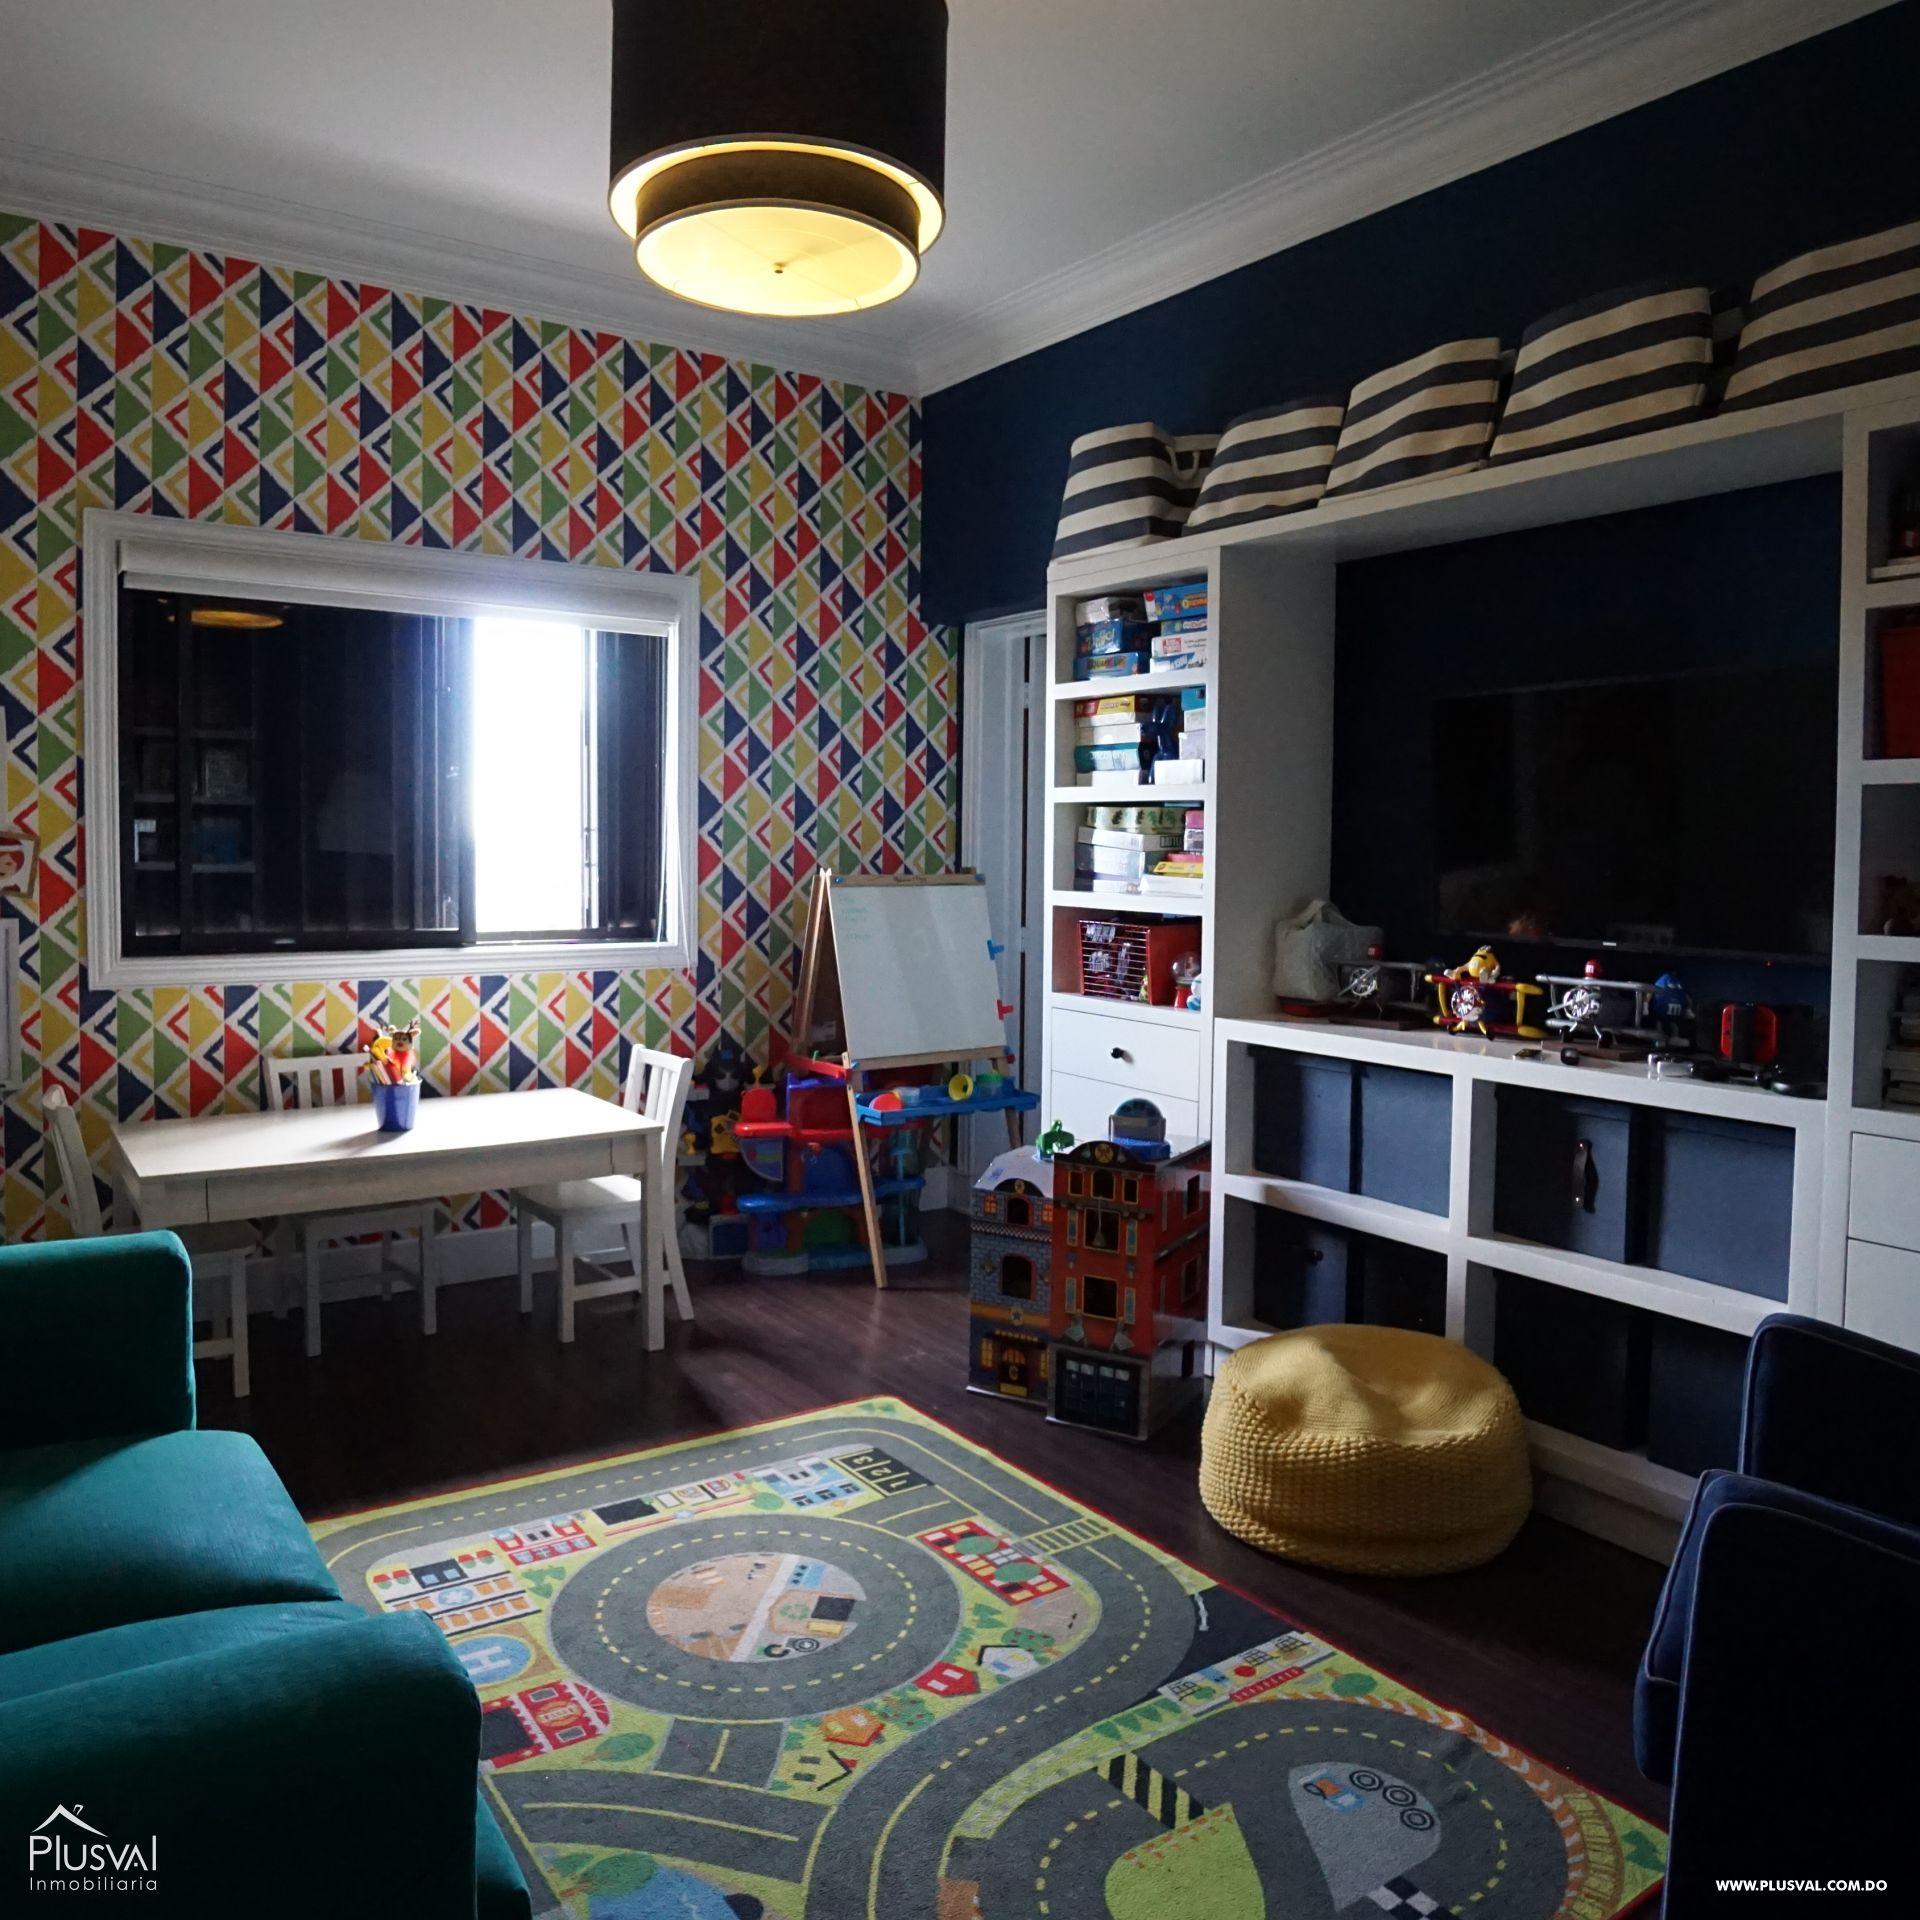 Amplio y exclusivo apartamento